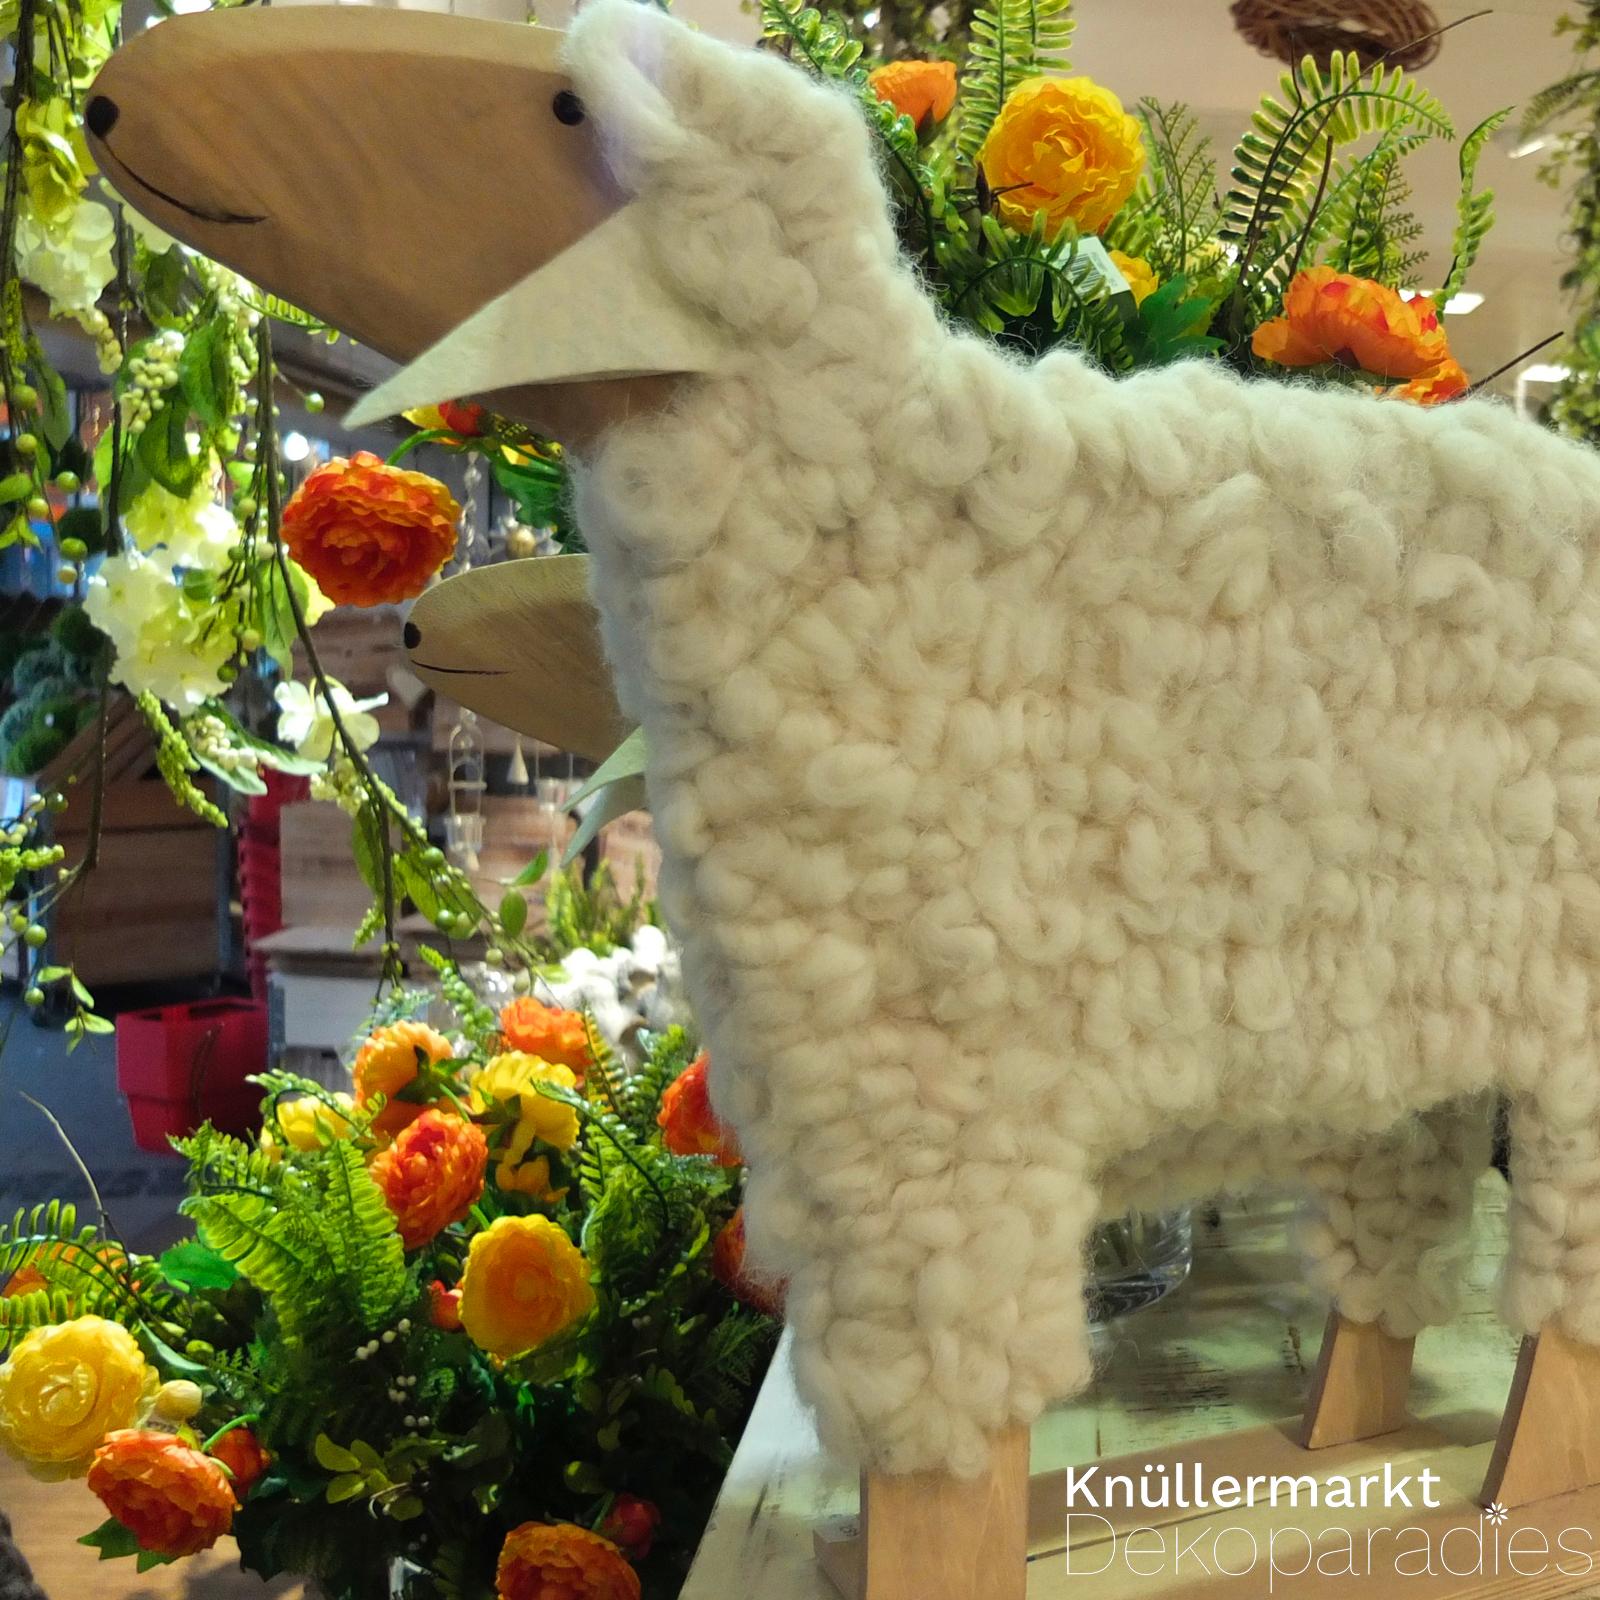 gallerie-5-themenseite-fruehling-oster-blumen-deko-paradies-knuellermarkt